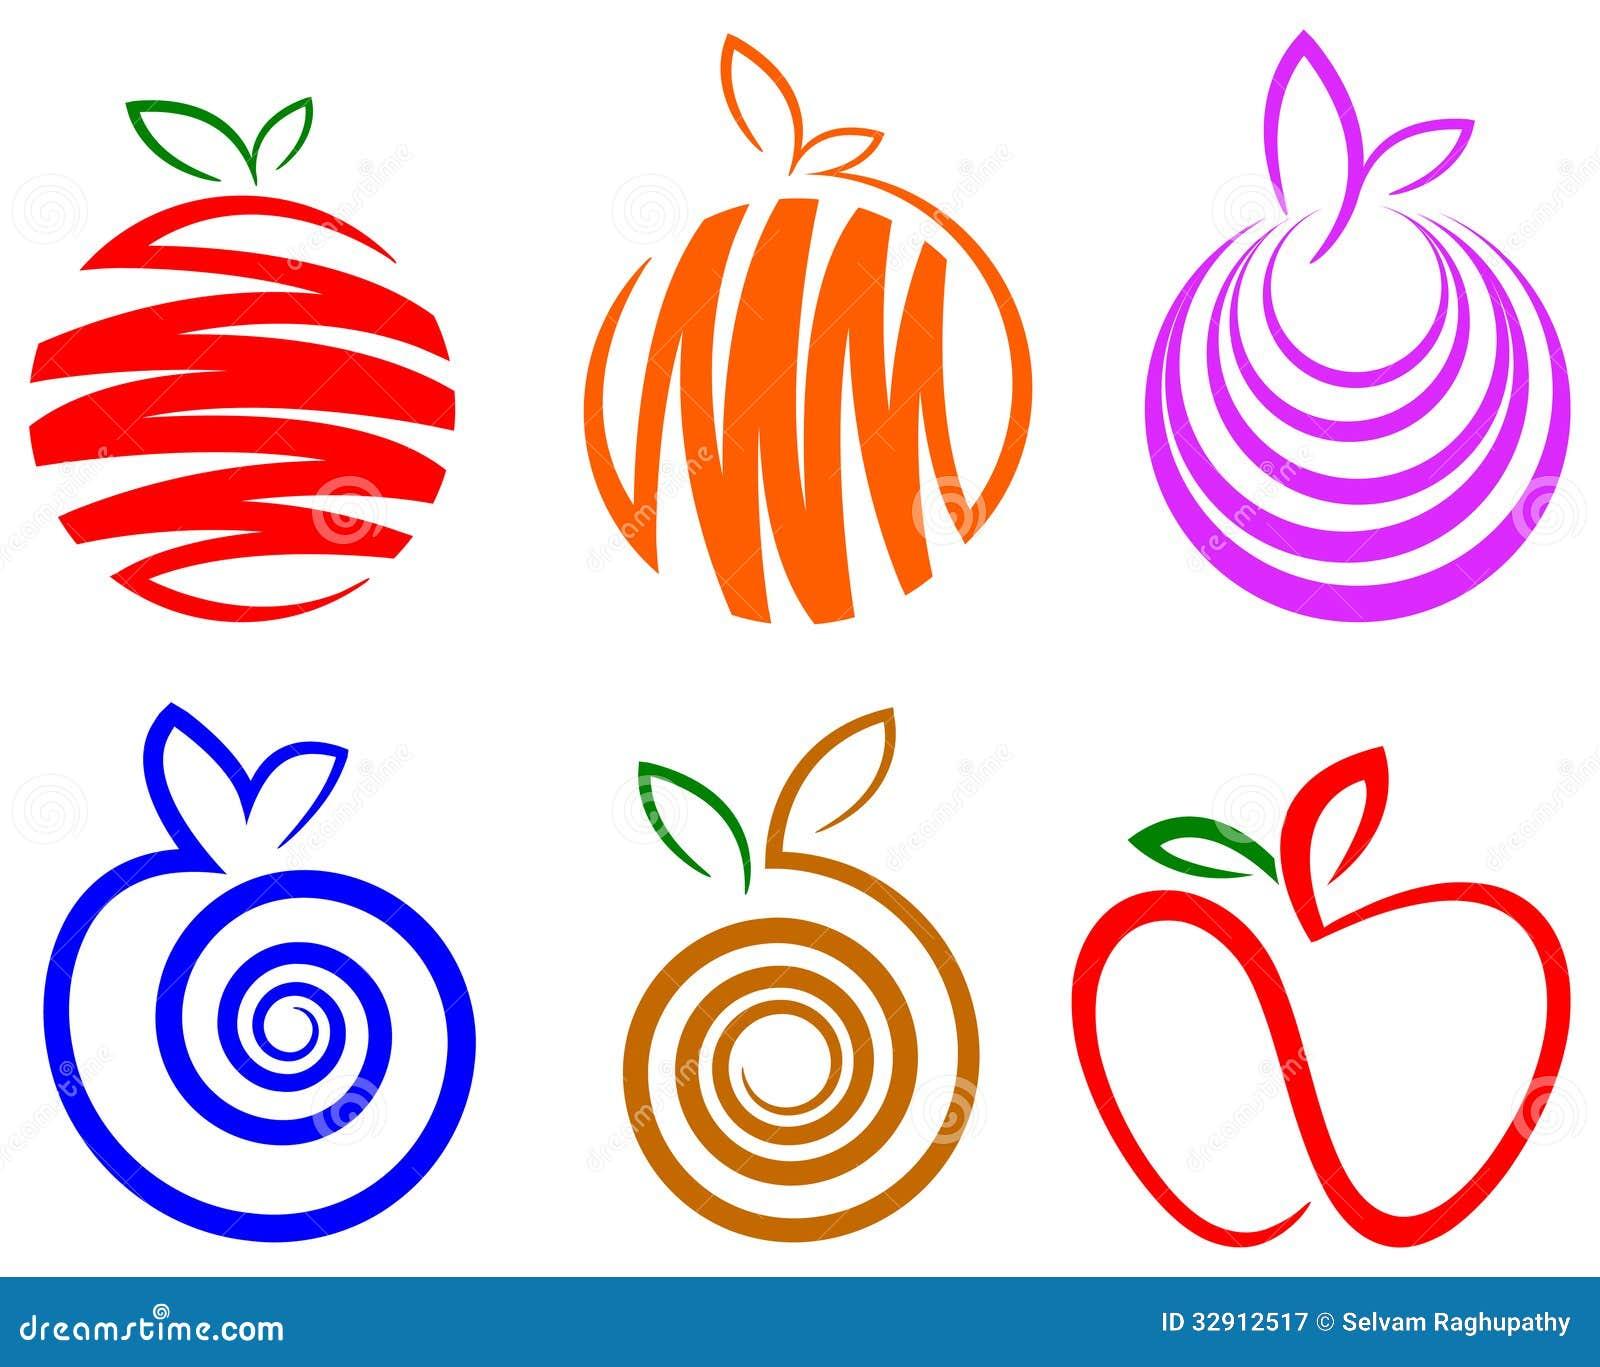 fruit logo set stock illustration illustration of leaf logo free leaf logo vector